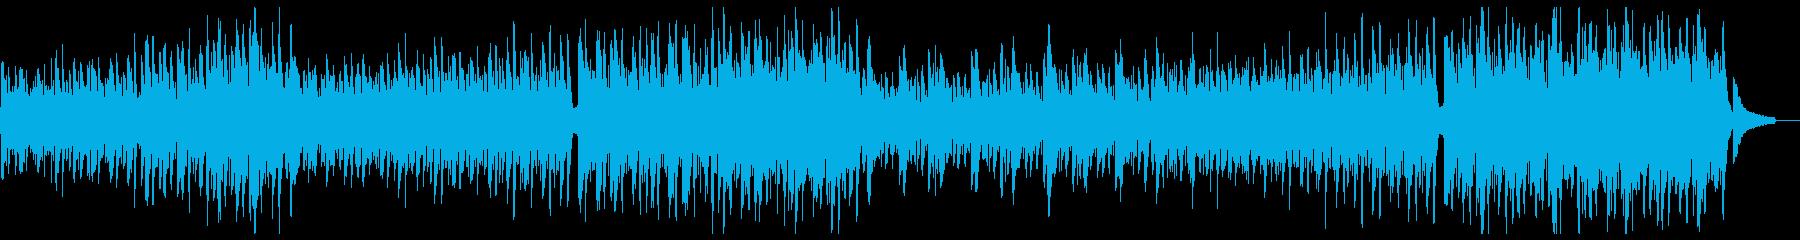 うきうき陽気なオーケストラx1の再生済みの波形